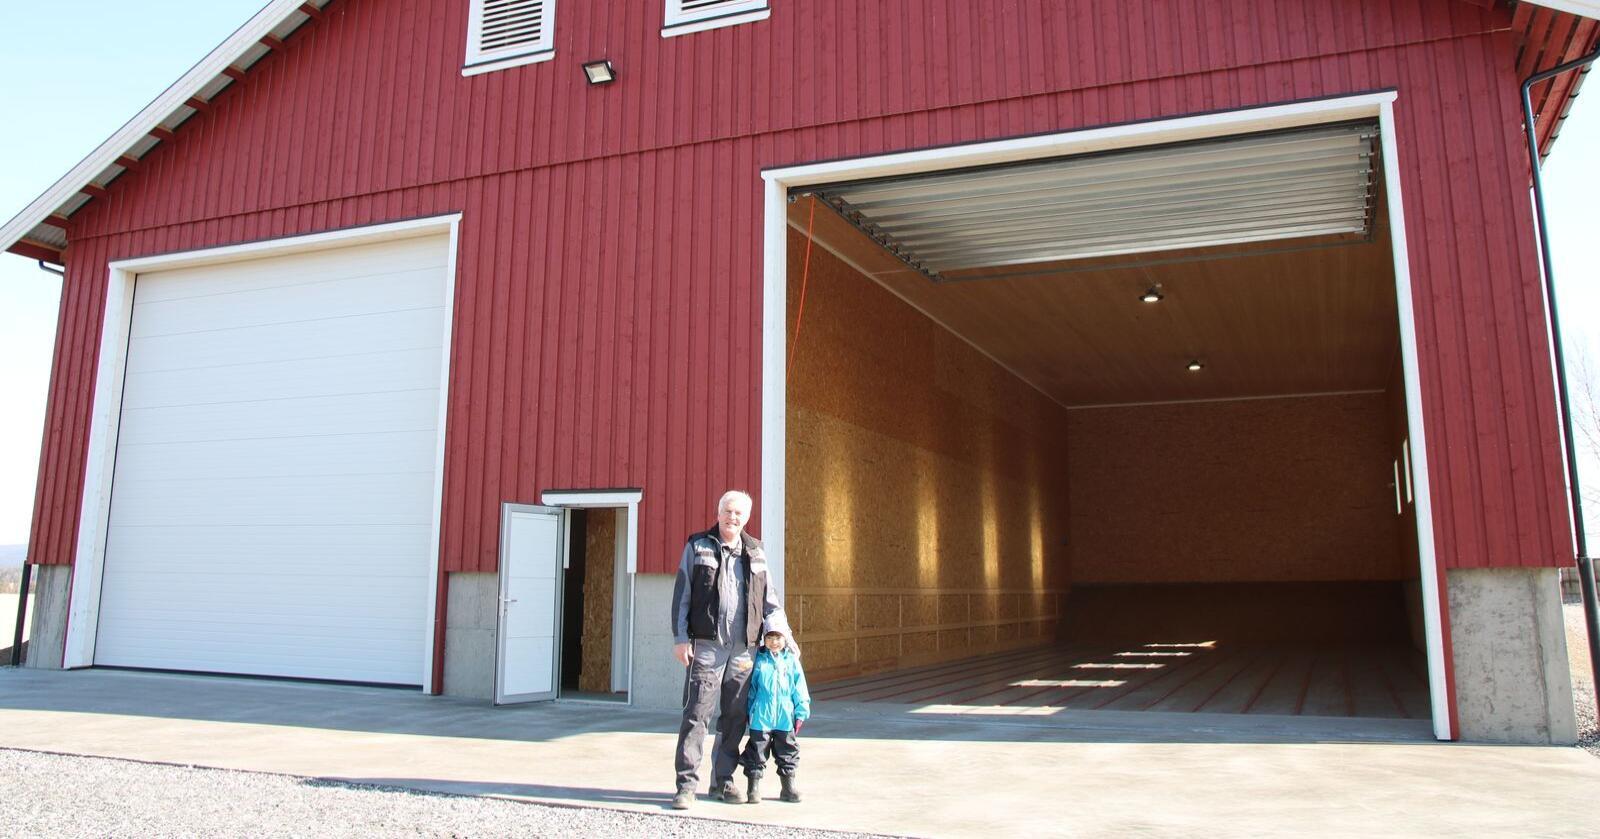 Torgeir Ask, som fyller 65 år i november, ønsker at sønnen Tor Arne (4) skal få mulighet til å bli gårdbruker, hvis han ønsker.